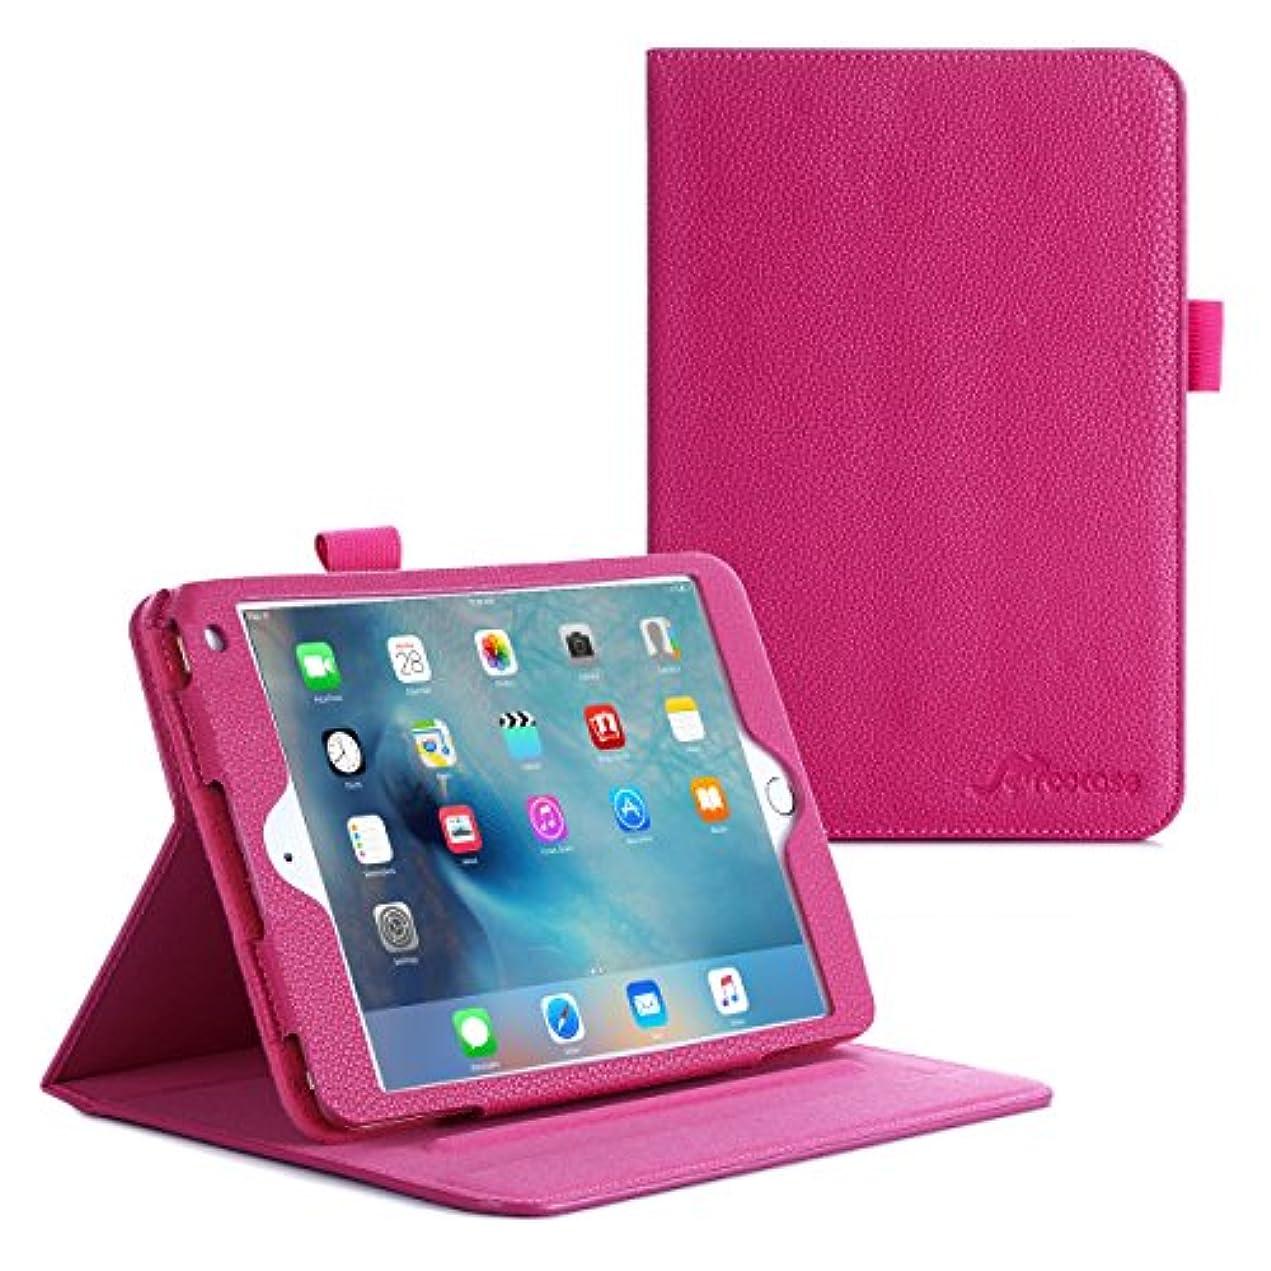 注釈虚偽そんなにiPad Air2 ケース, roocase [Dual View] レザー PU iPad Air2 手帳型 スタンド機能 ケース オートスリープ Apple iPad Air2 [2014 年版] スマートカバー [全5色] マゼンタ